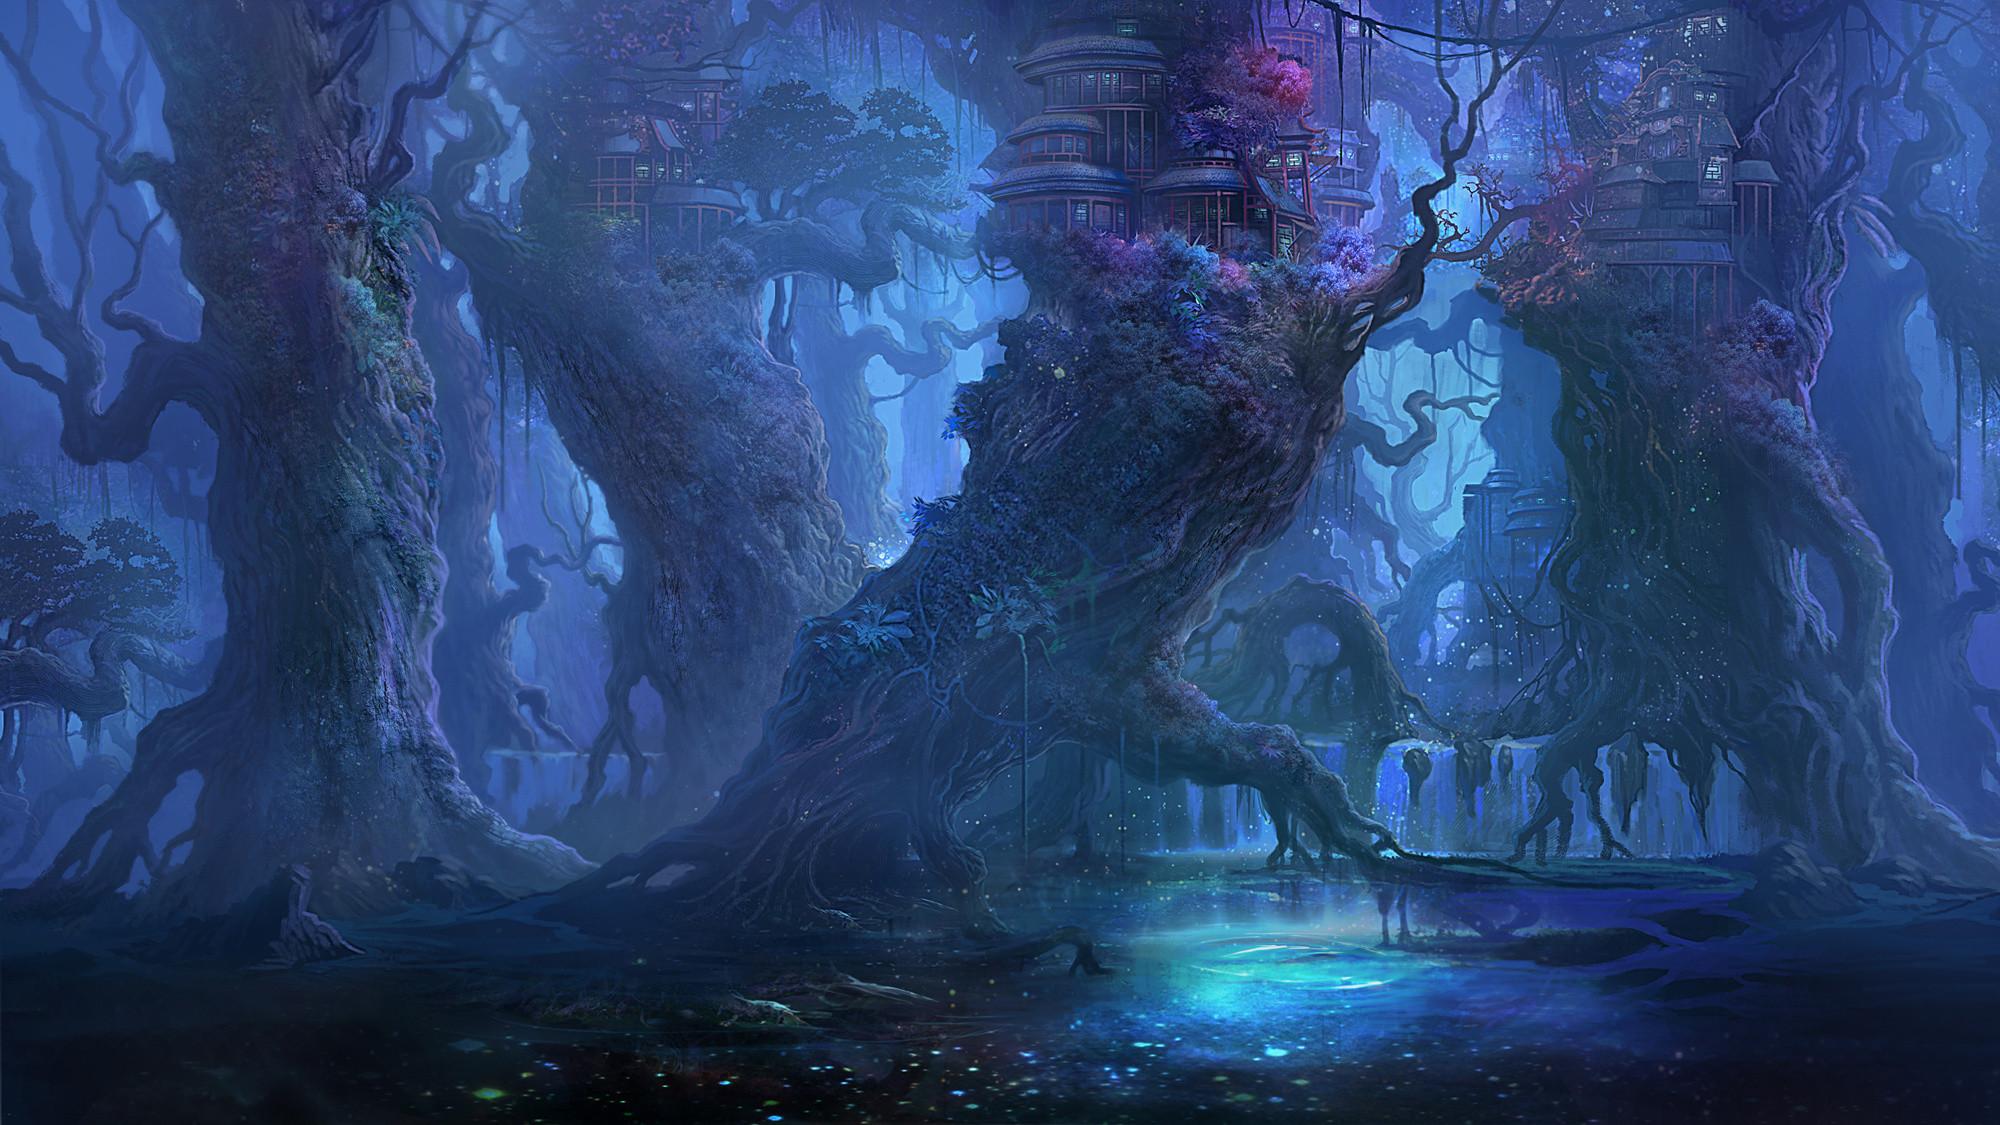 Fantasy Forest Landscape Desktop Wallpaper